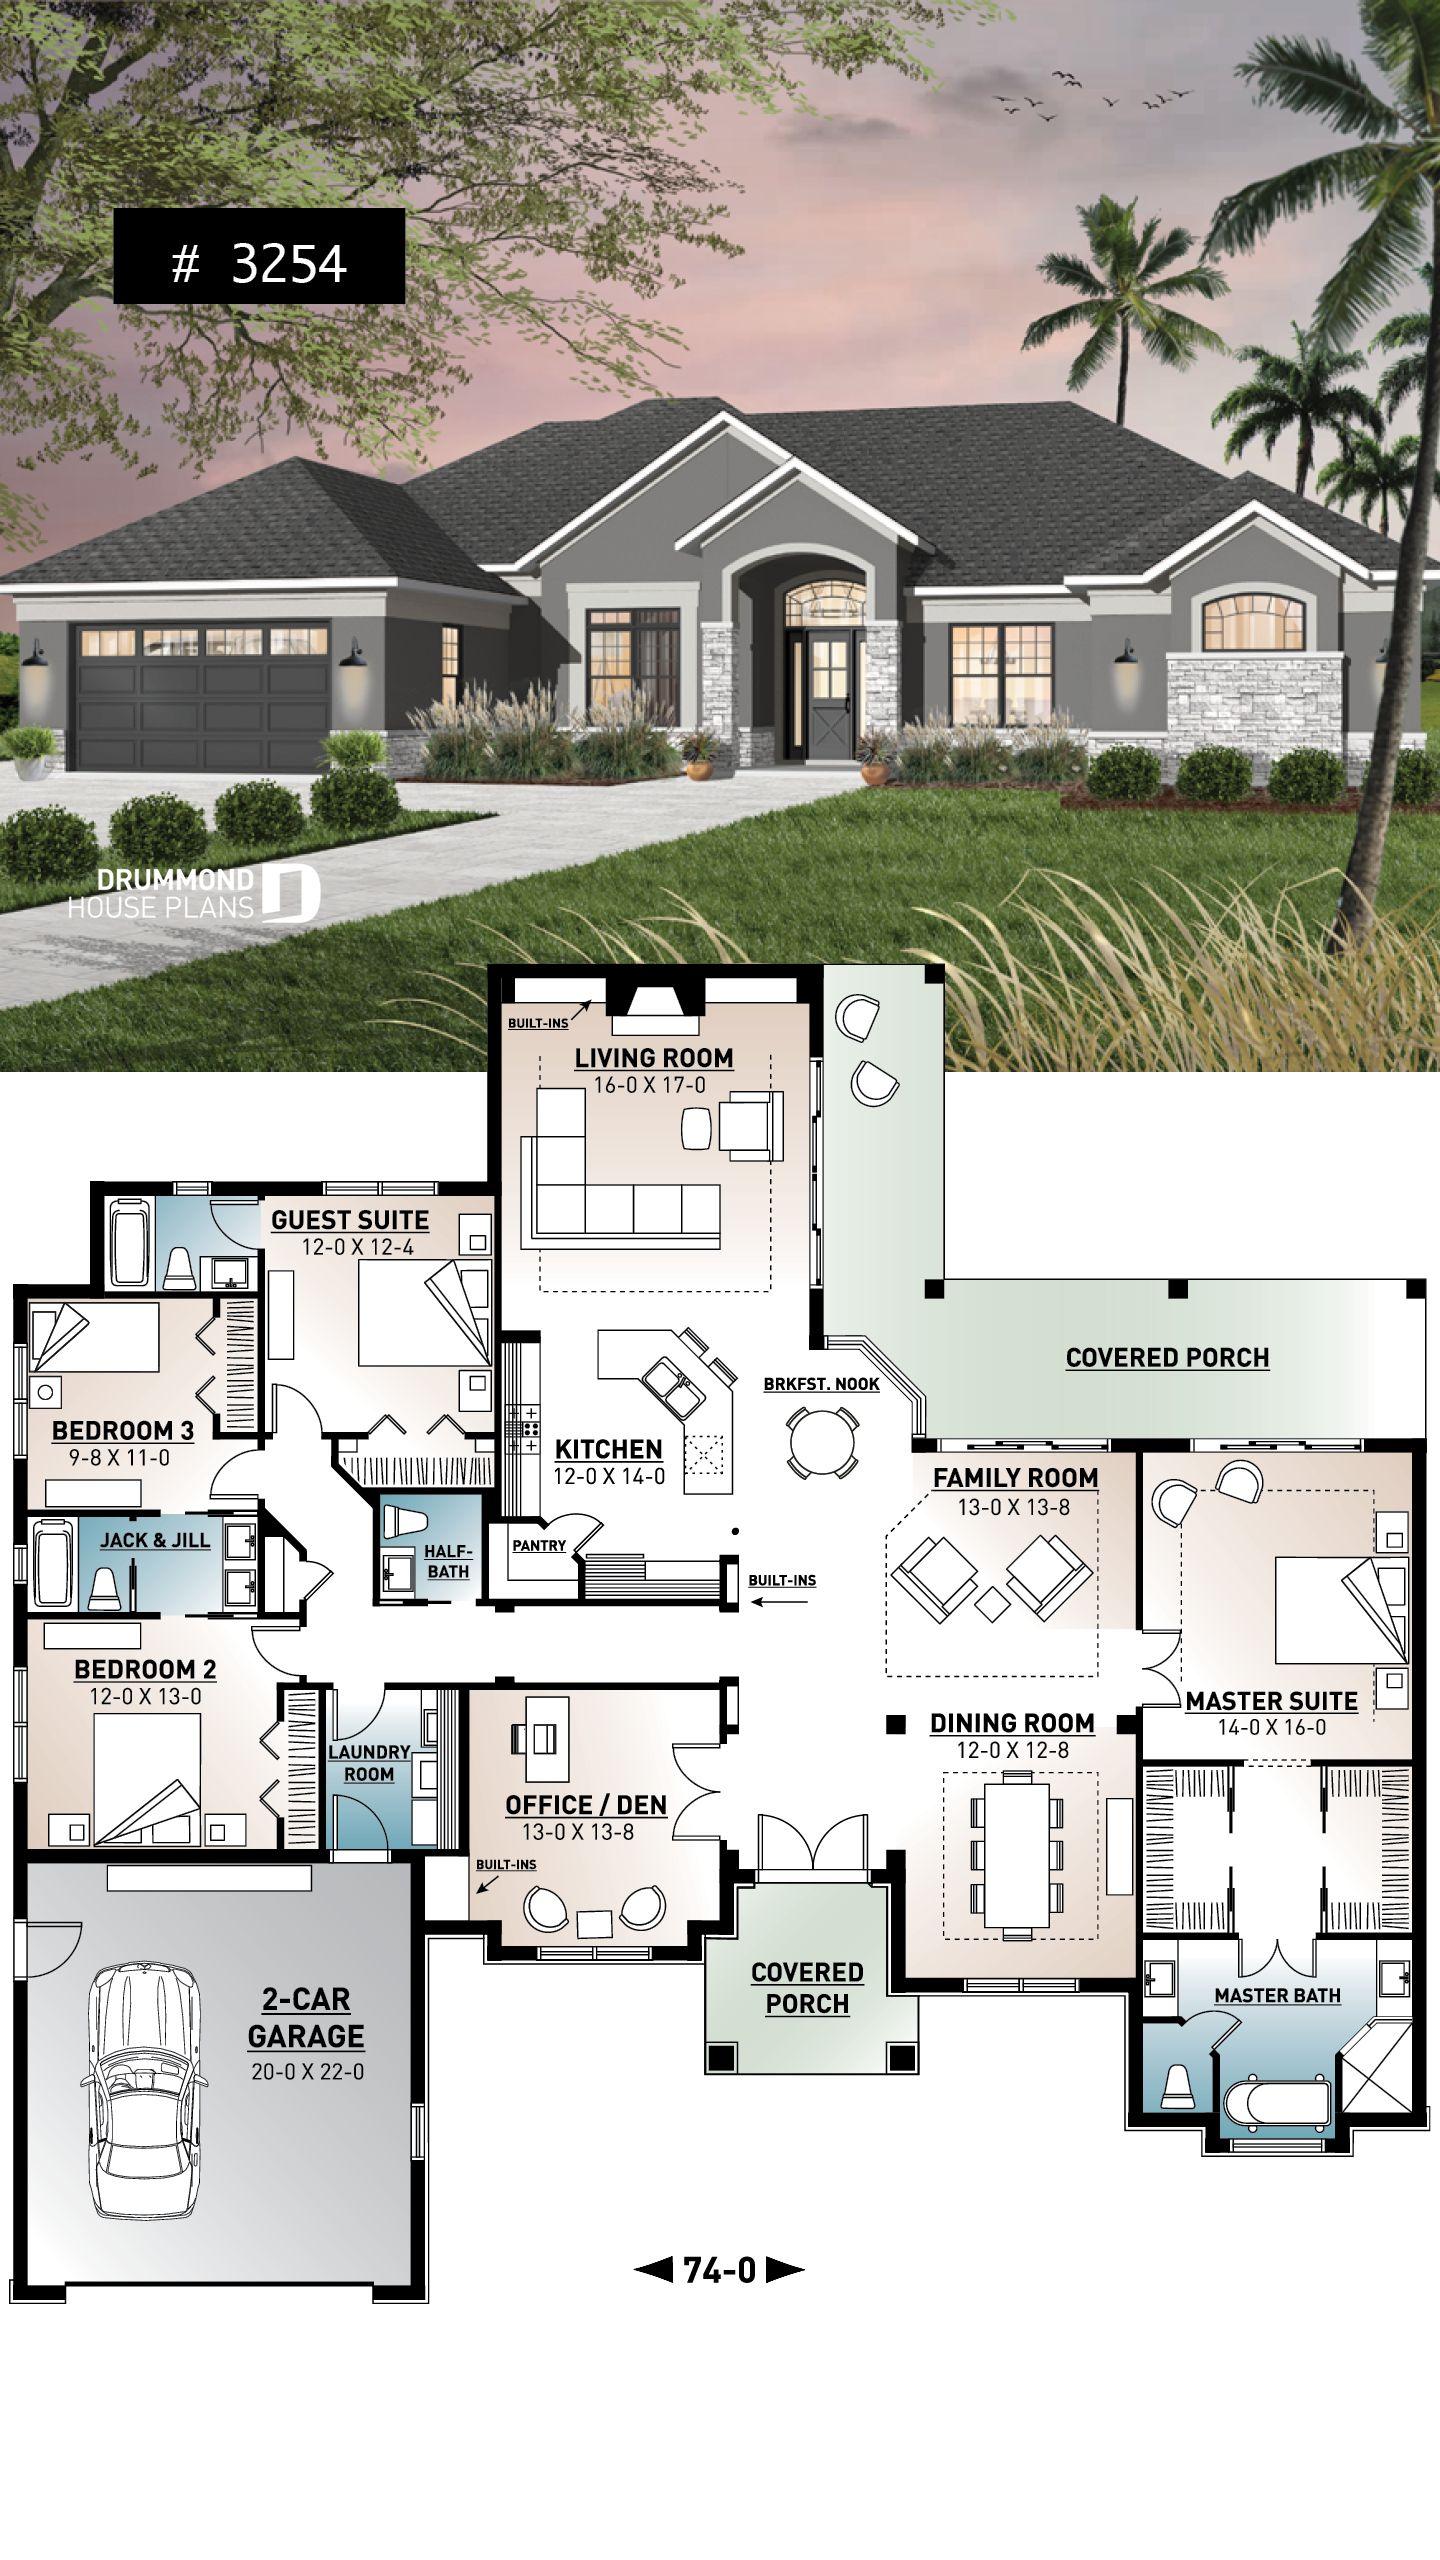 Modelli Di Case Da Costruire house plan savoy no. 3254 (con immagini) | piani della casa